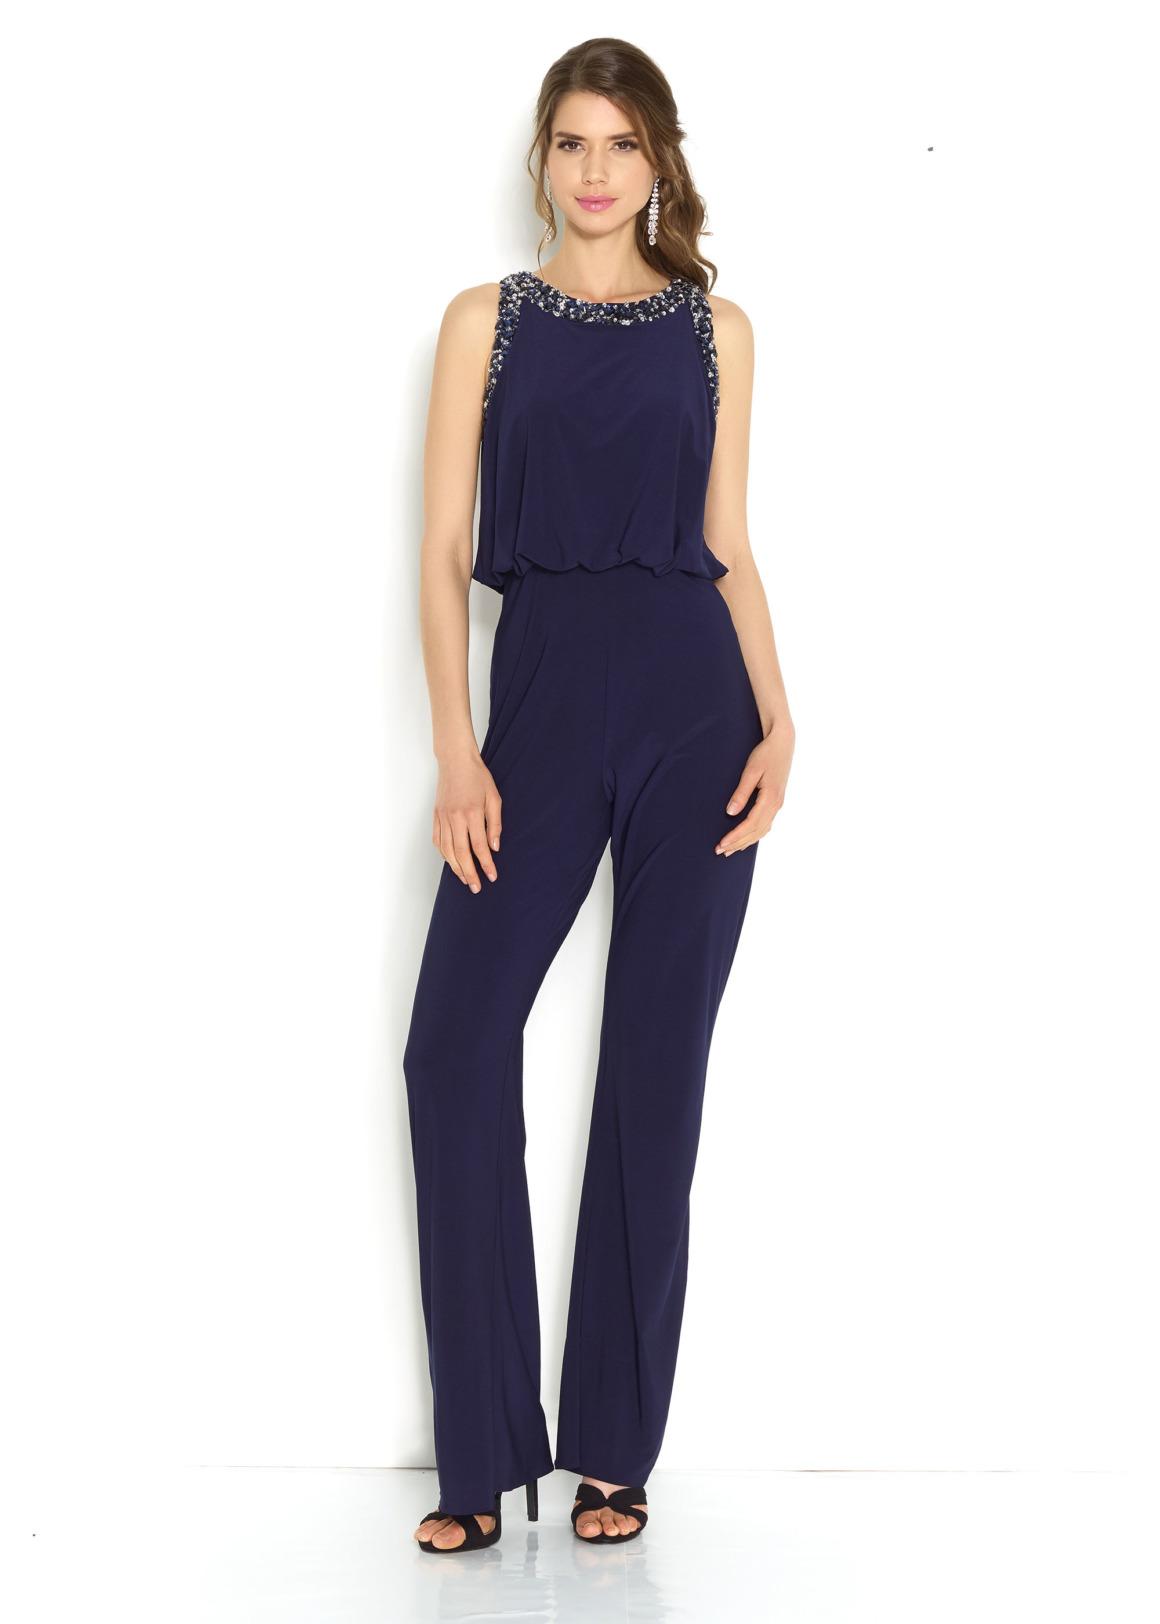 Hosenanzug Jumpsuit Anlass Konfirmation Mode für Damen Abiball Hochzeit Gast Kleidung für Eltern navy dunkelblau